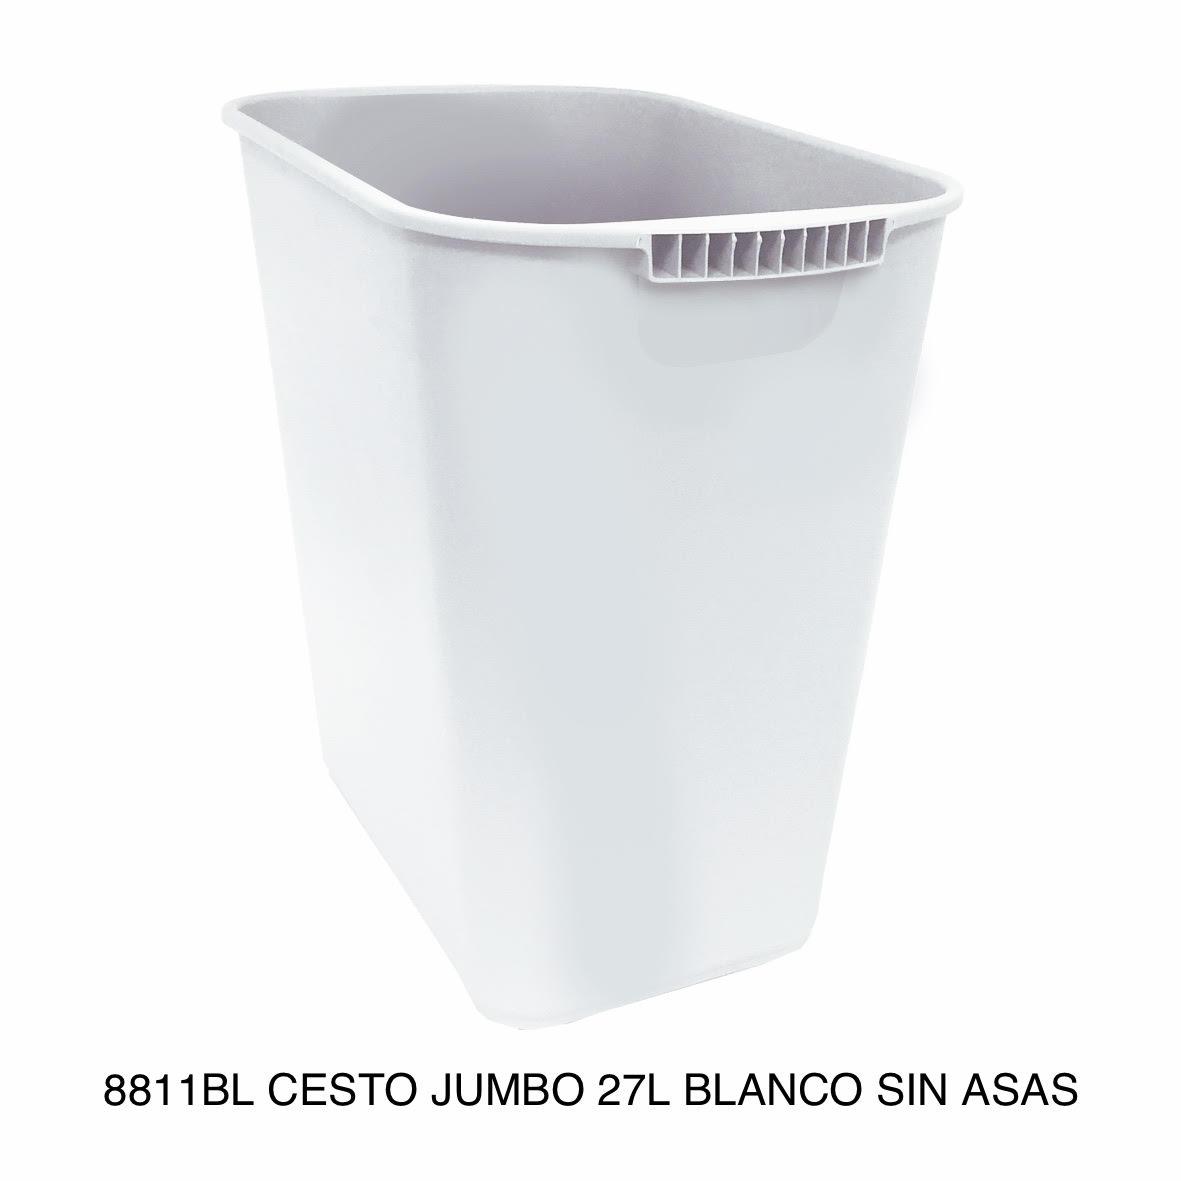 Bote de basura jumbo modelo 8811BL color blanco sin asas de Sablón